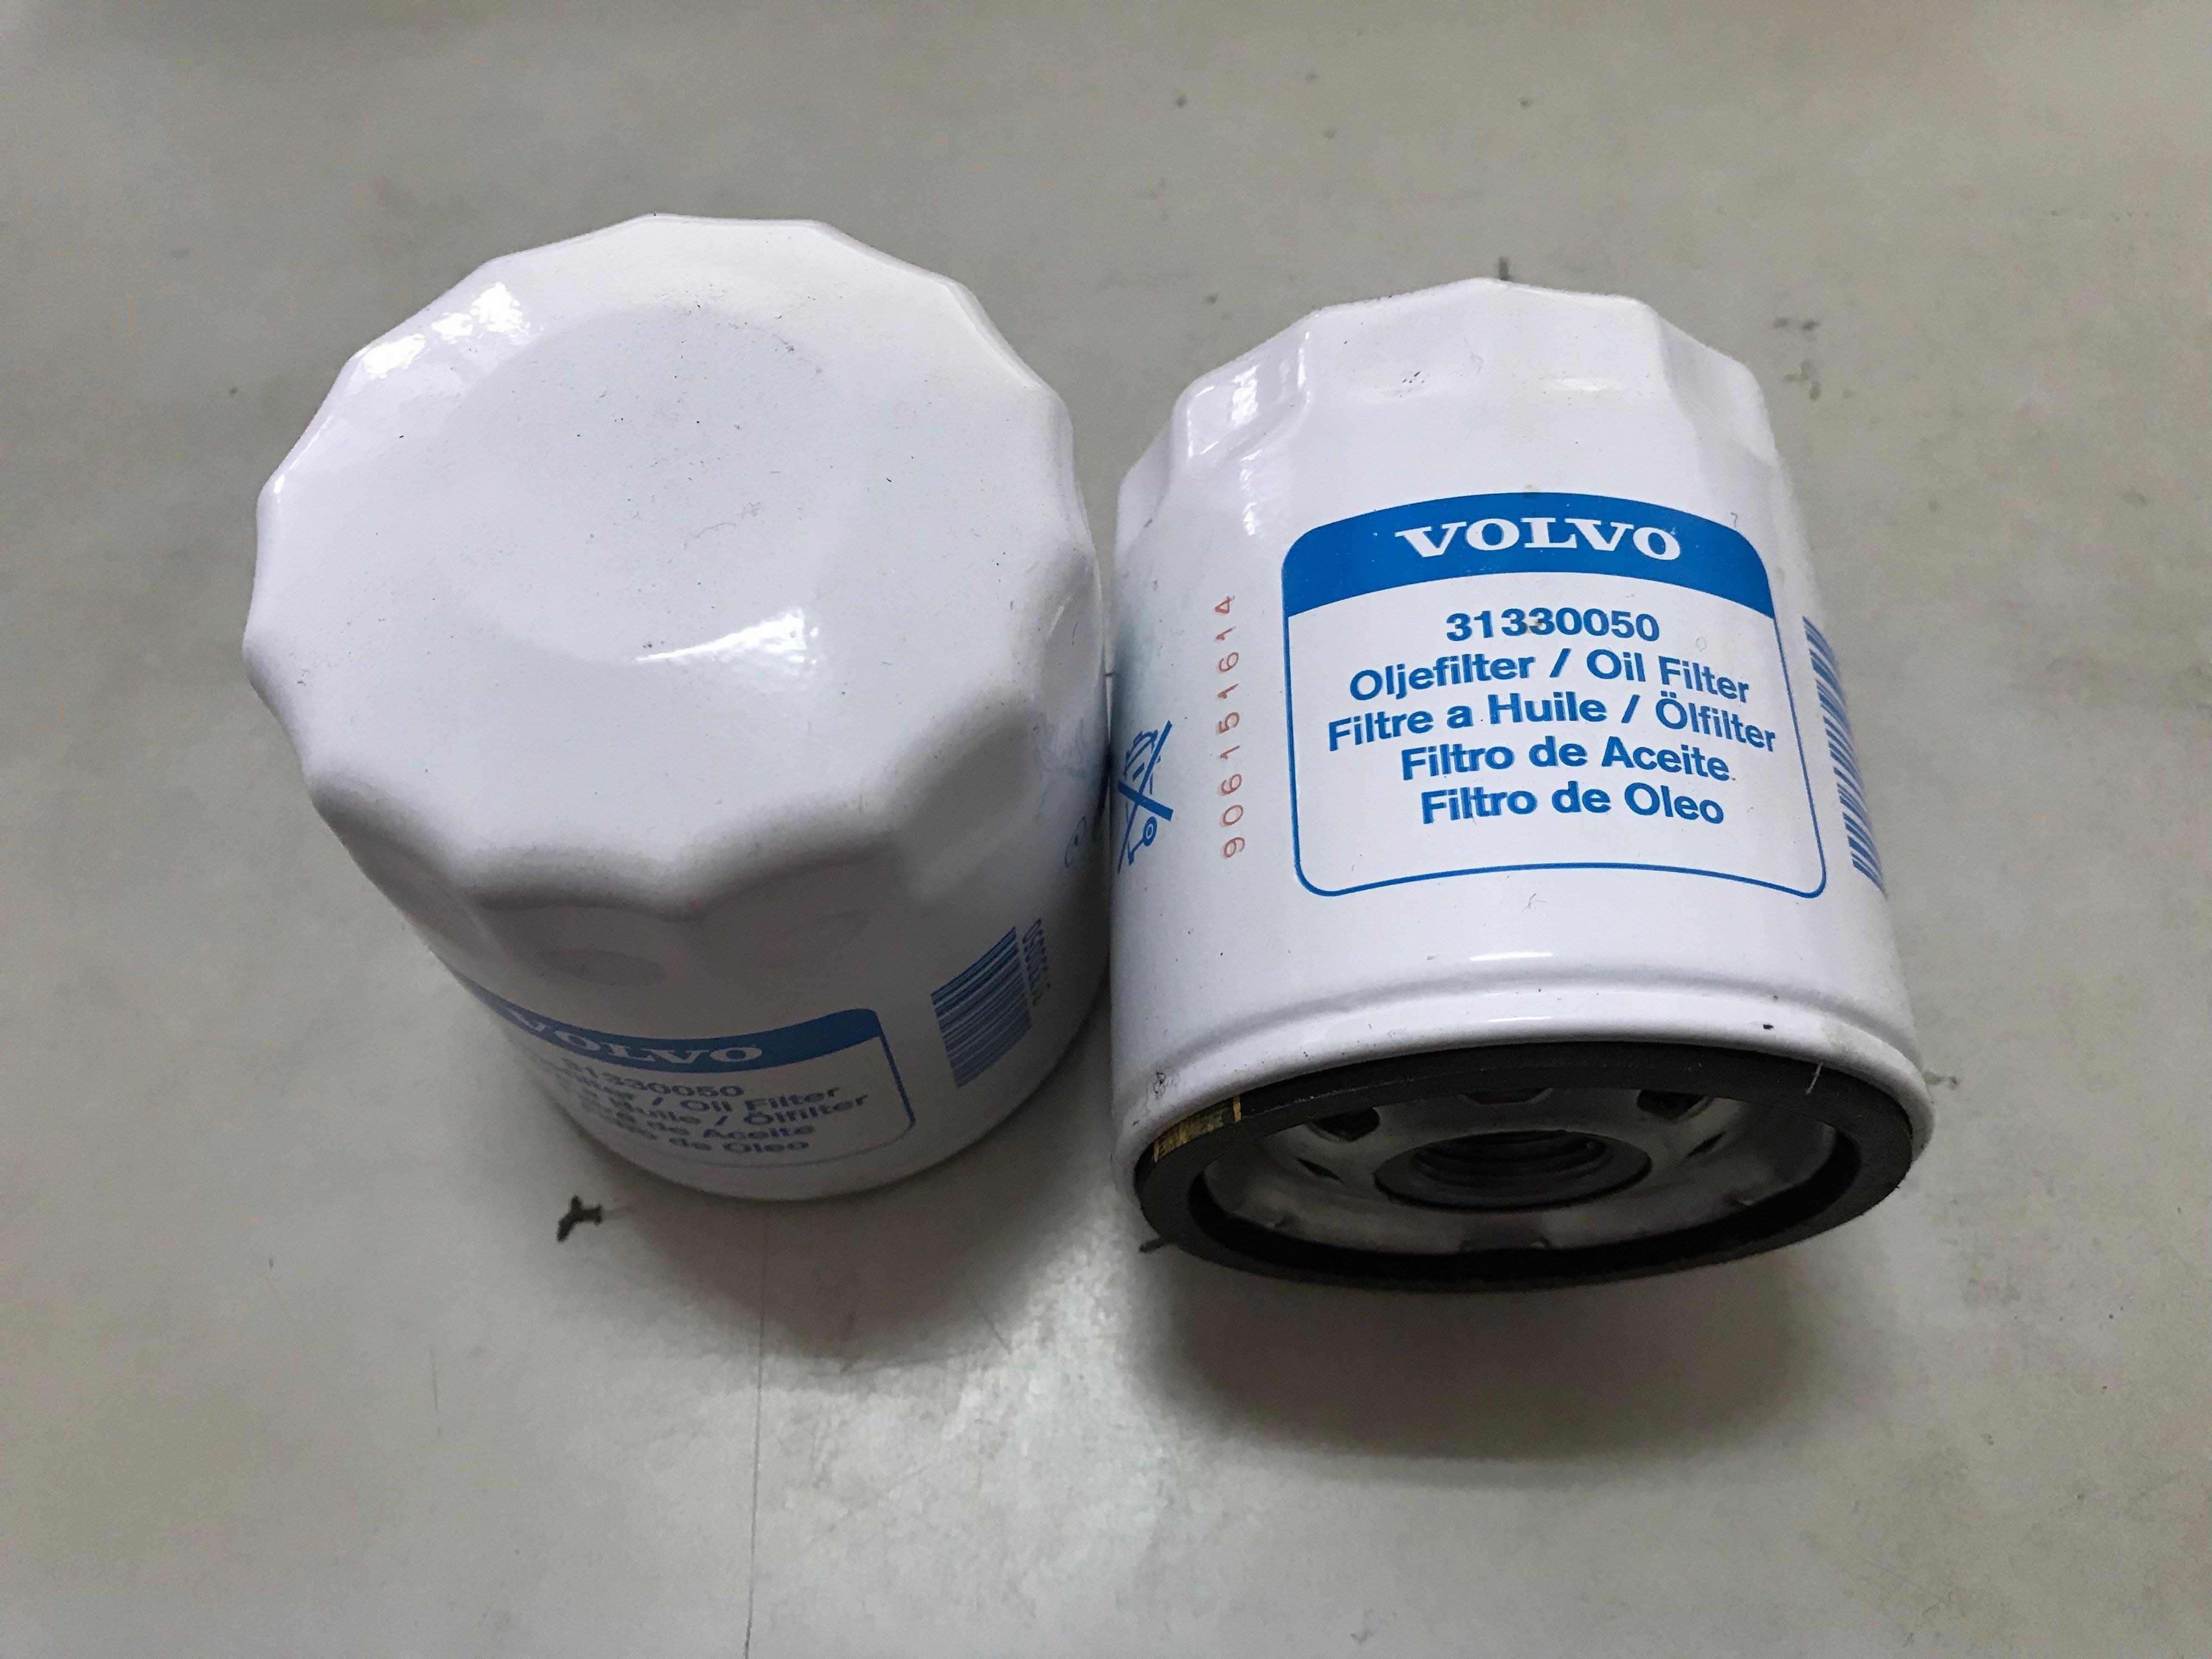 機油芯/機油心 VOLVO V60 S40 S60 S80 V70 [2.0CC] 2011-